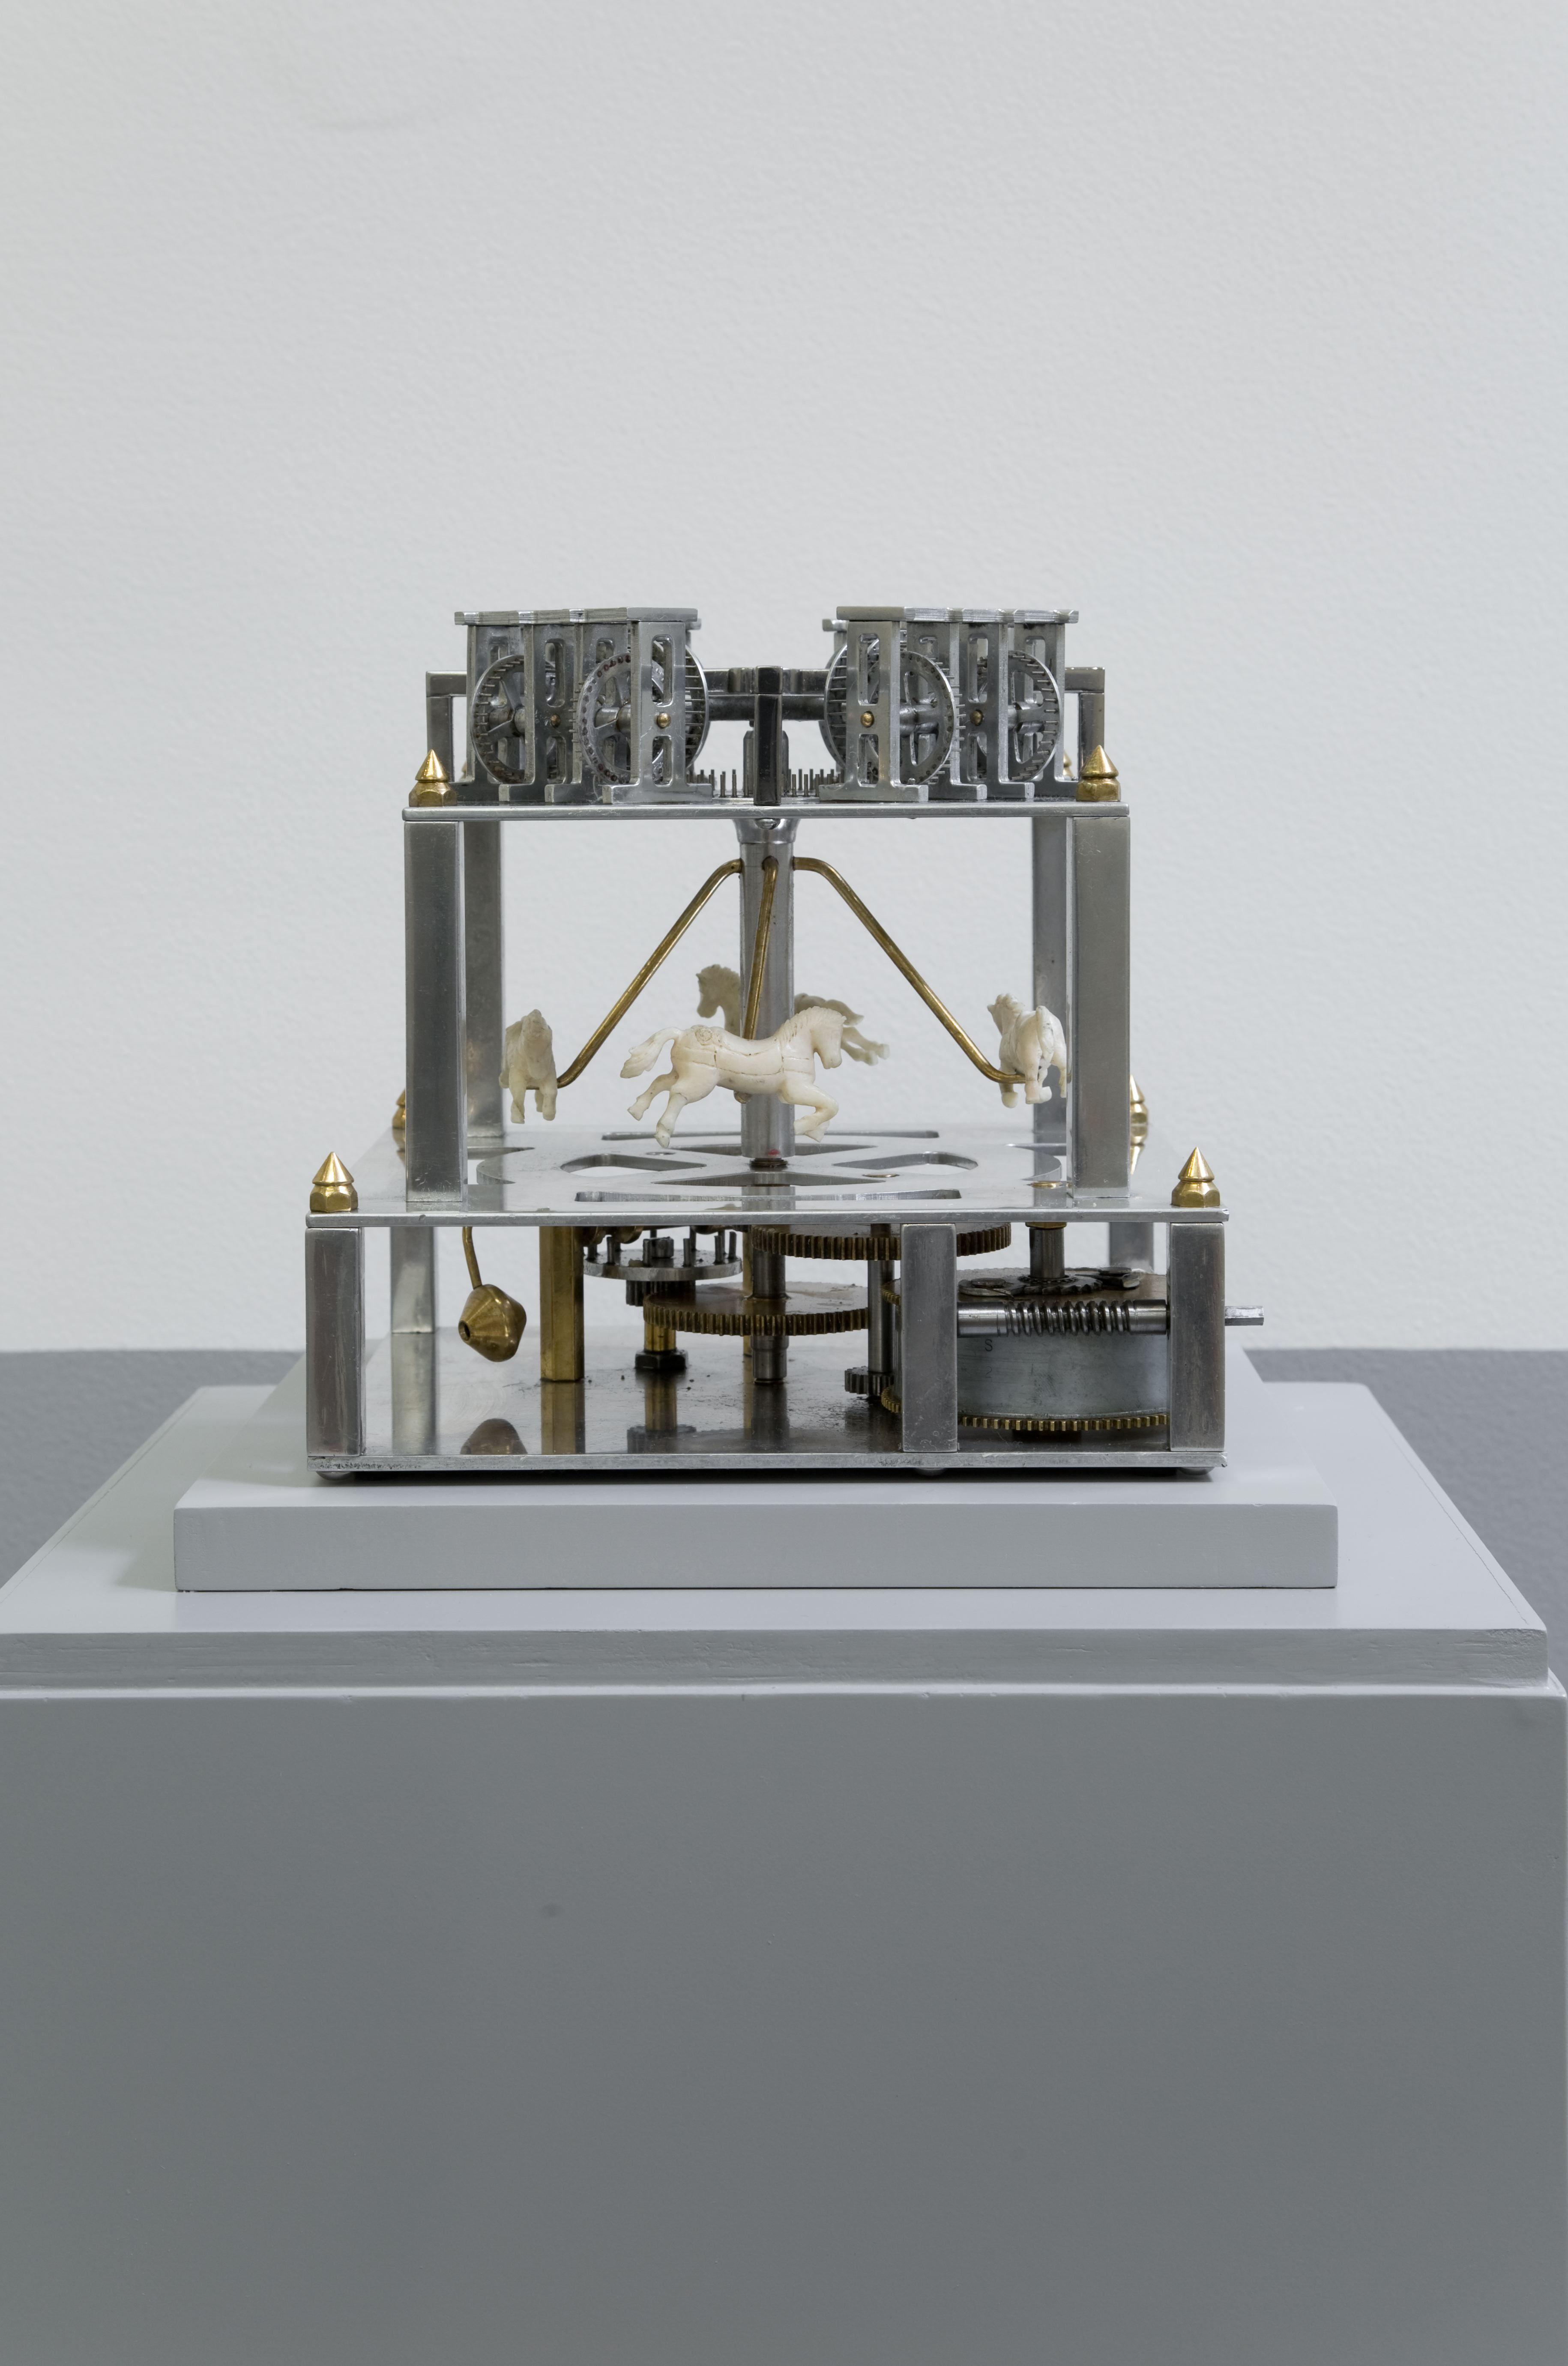 Estudios del Agotamiento: estudio no. III, La carne | Ensamblaje de aluminio, hueso, bronce y acero. | 28.5 x 23.5 x 23.5 cm | 2013